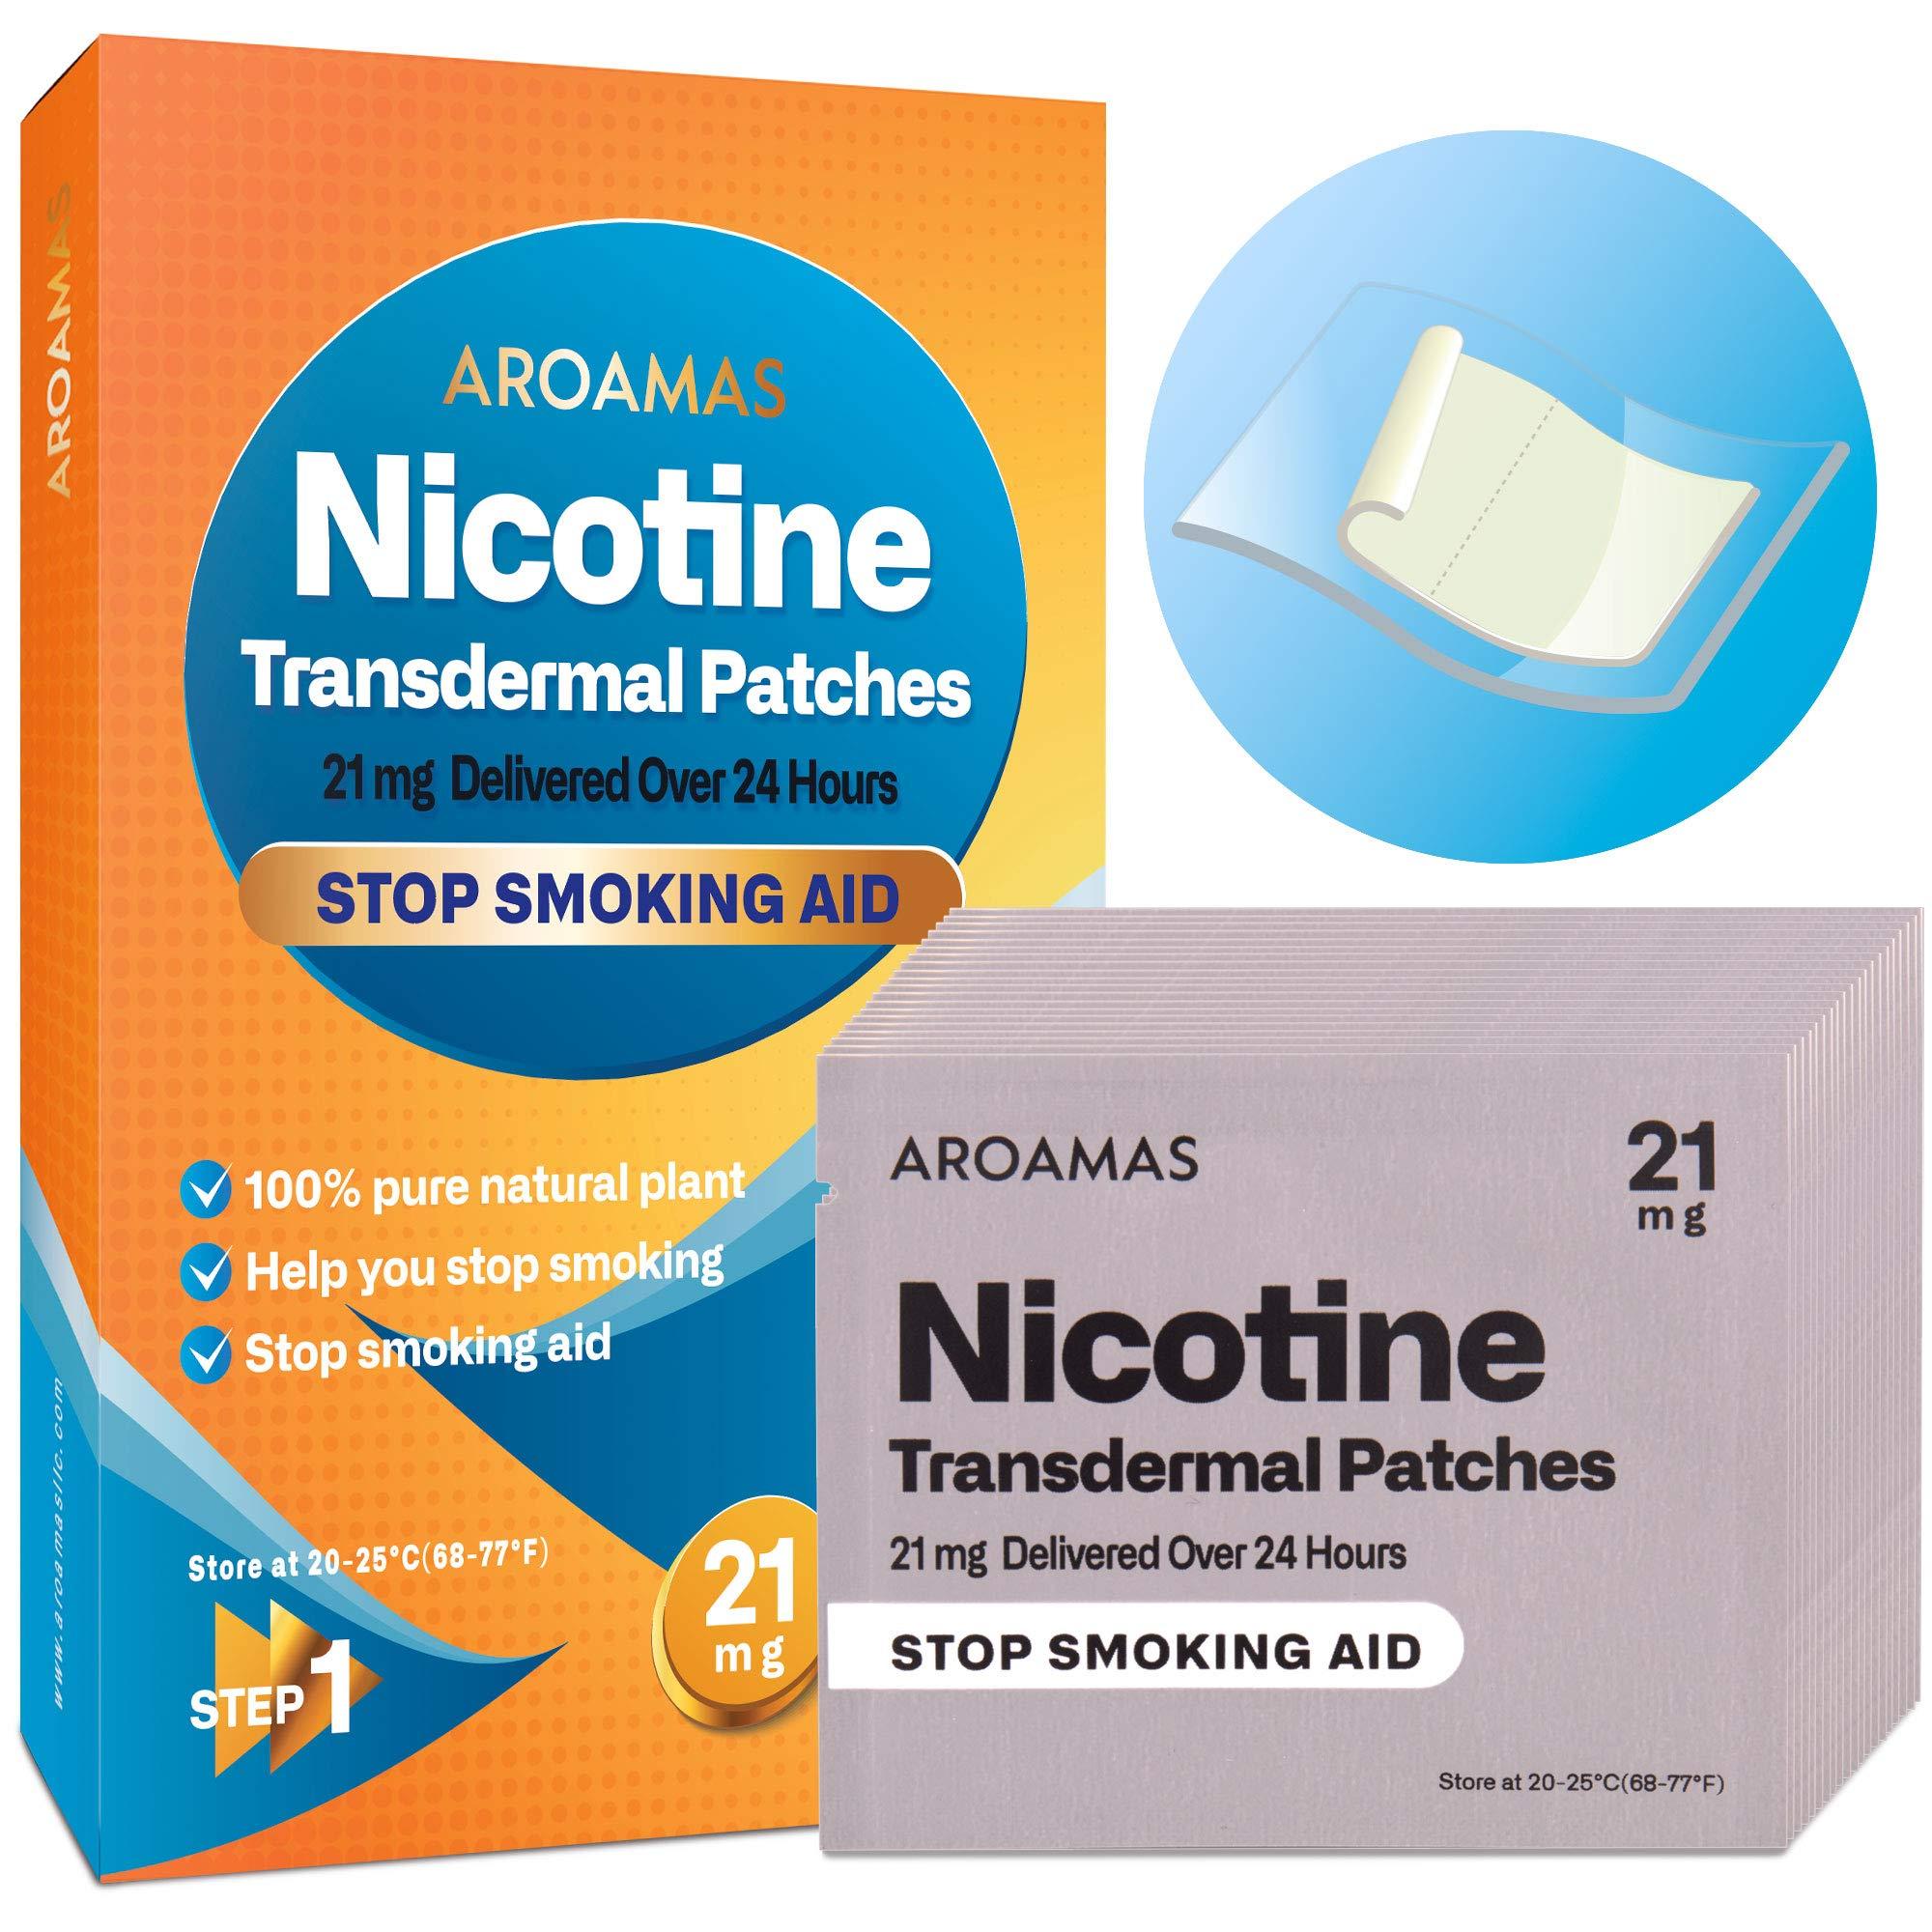 Aroamas Nicotine Patches Smoking Transdermal